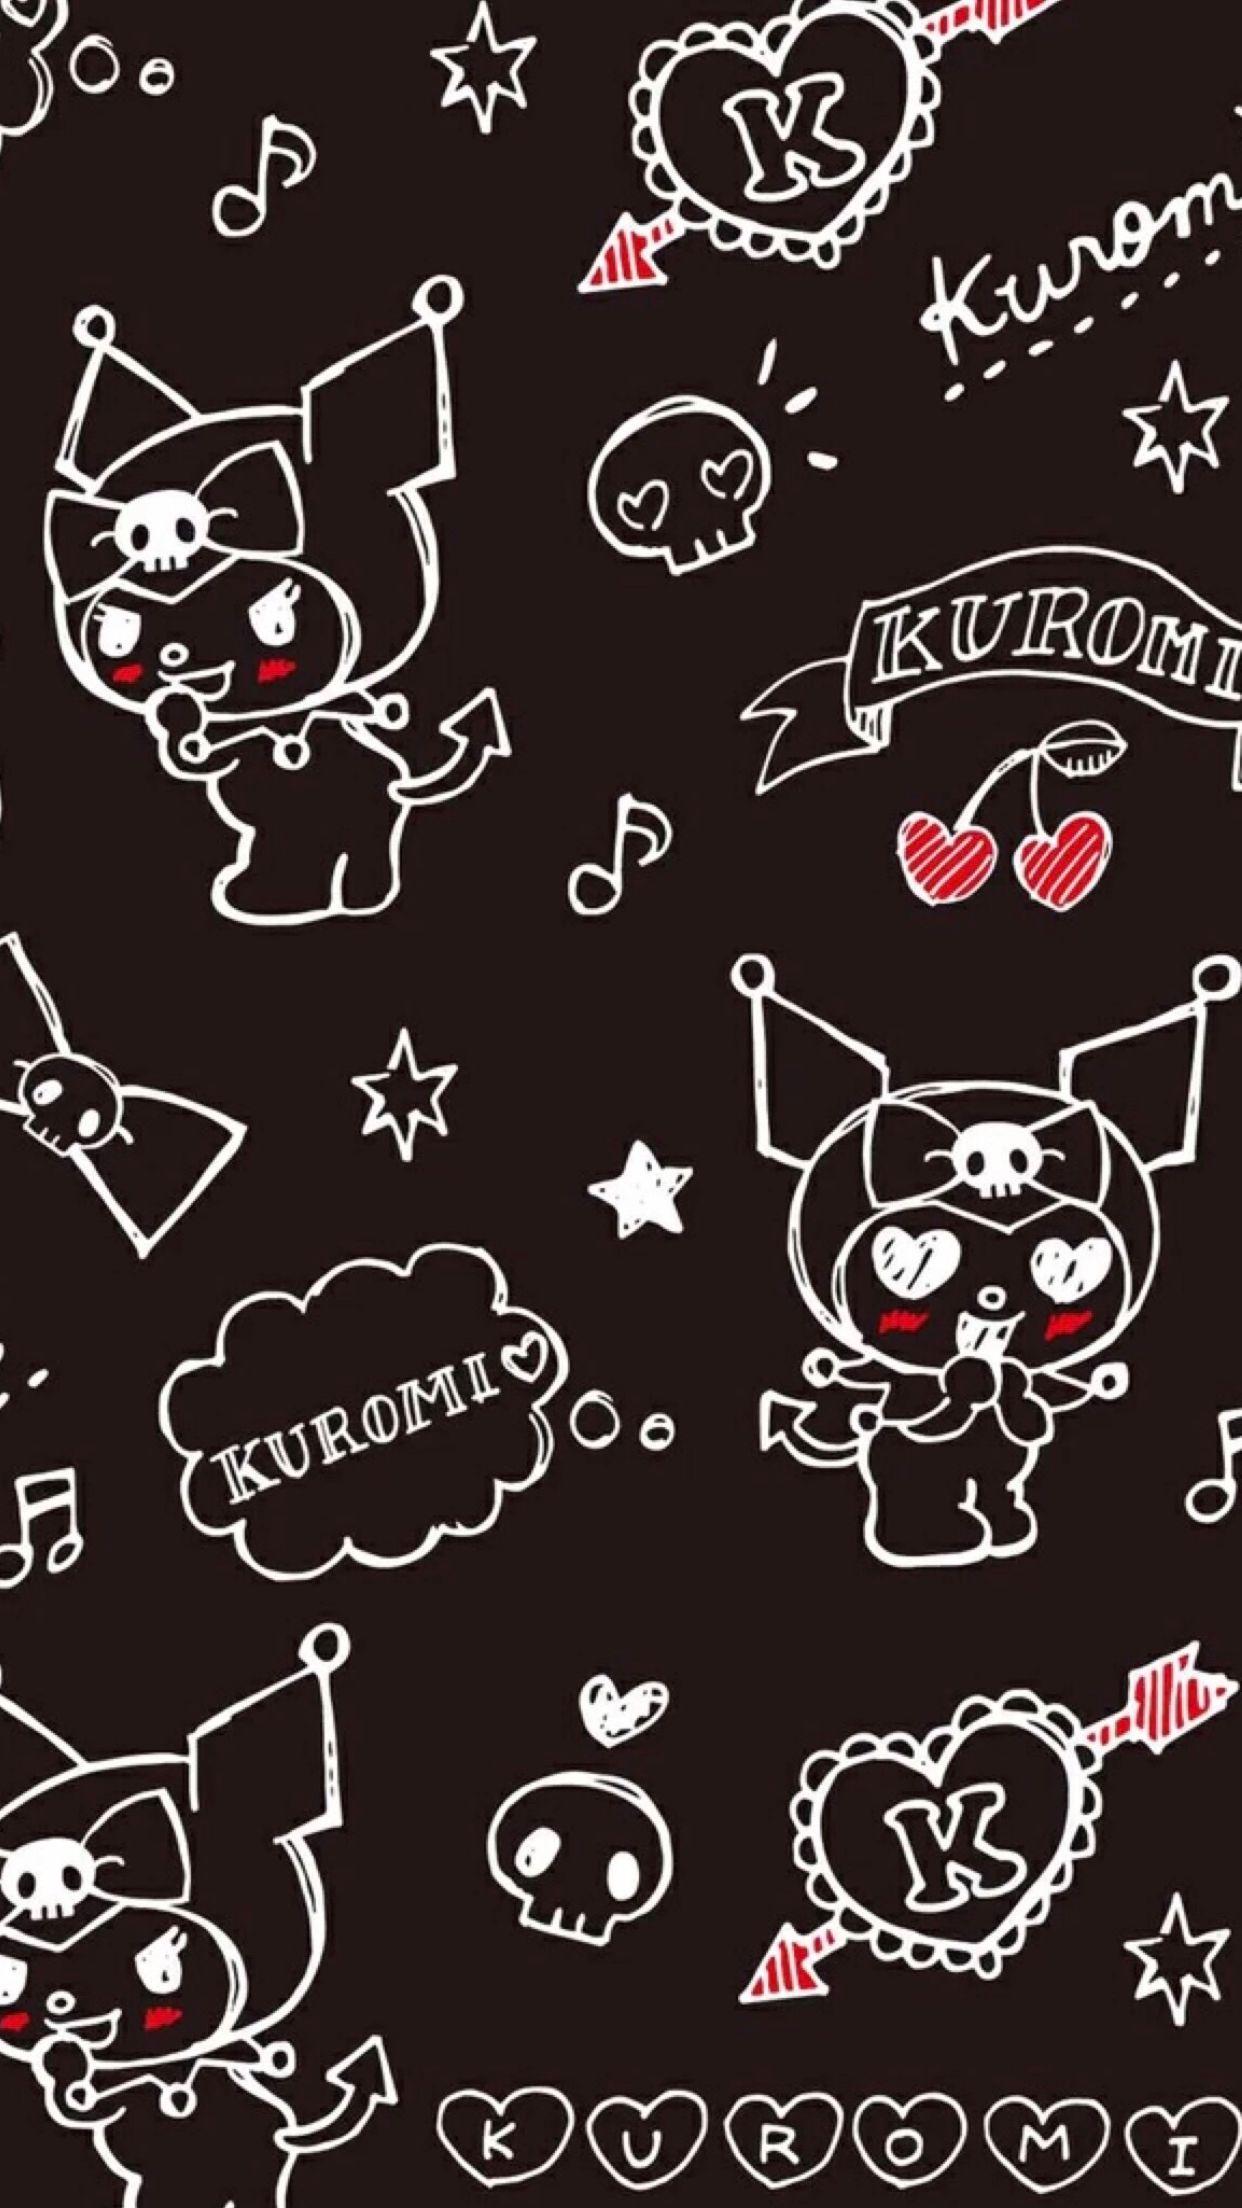 Kuromi クロミ 壁紙 くろみ 壁紙 可愛い壁紙